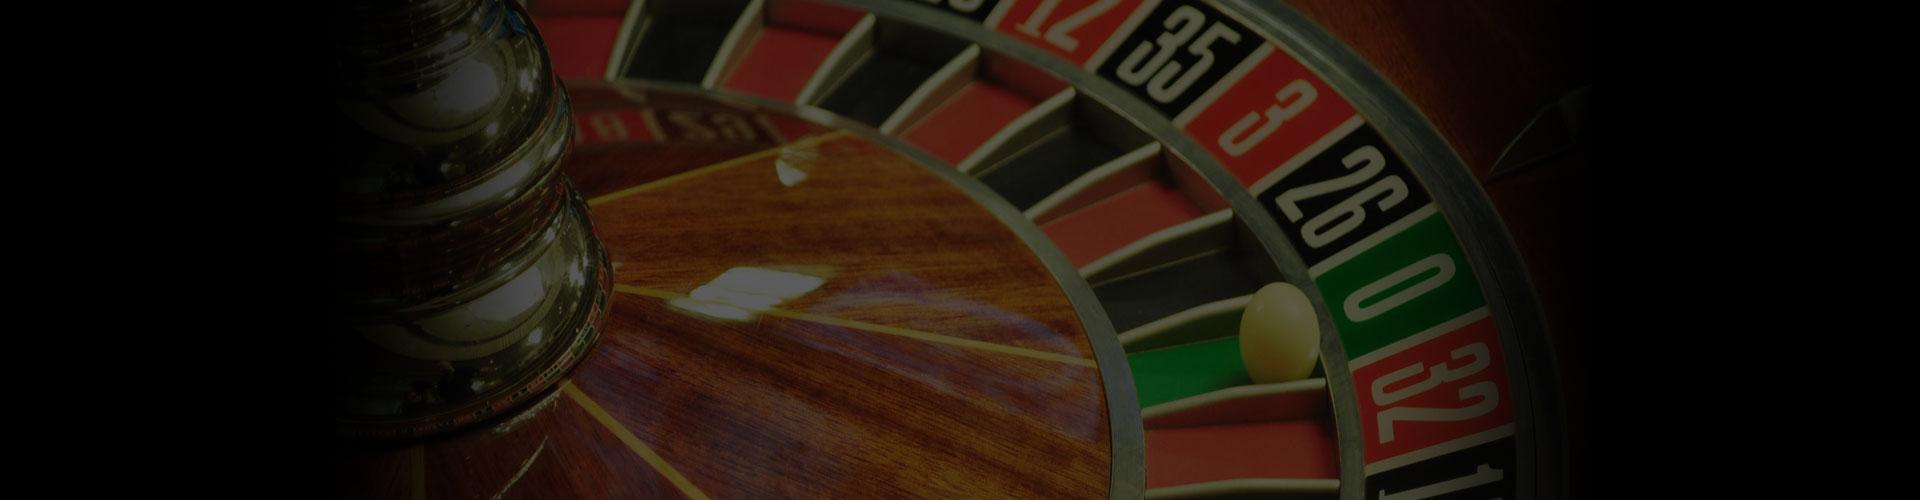 CasinoEuro Bonus 100 bis 150 Wettbonus als Neukunde kassieren